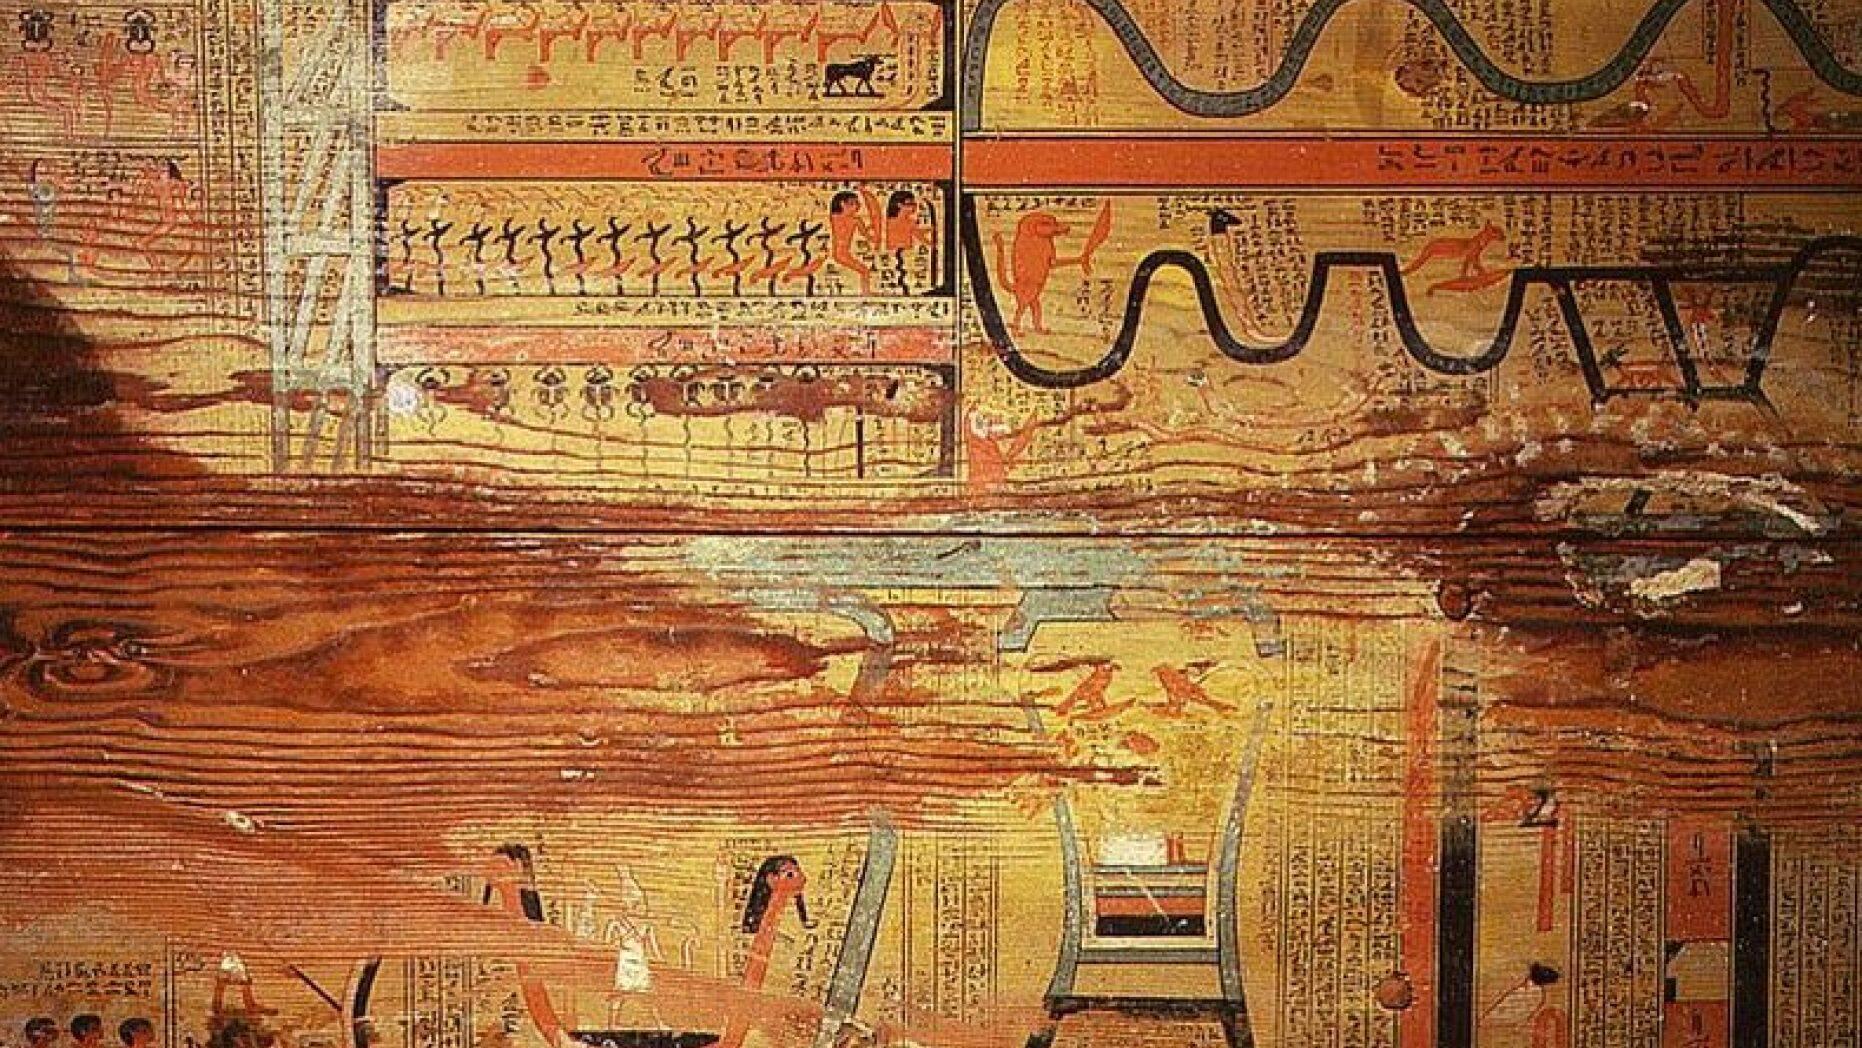 Підлога однієї з трун Гуа, лікаря-губернатора Джегутихотепа.